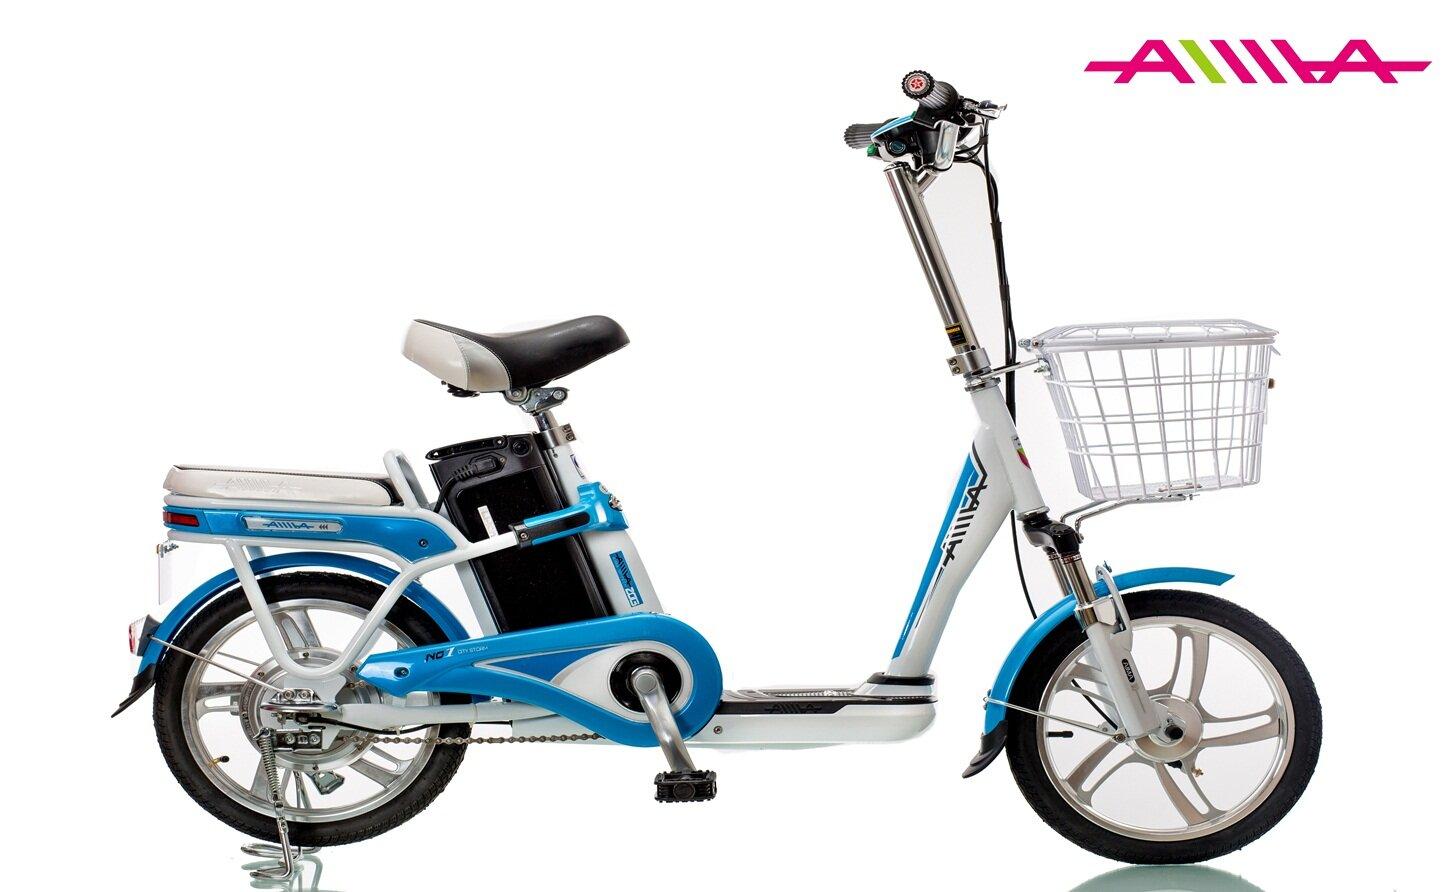 Xe đạp điện bền bỉ, thích hợp cho học sinh